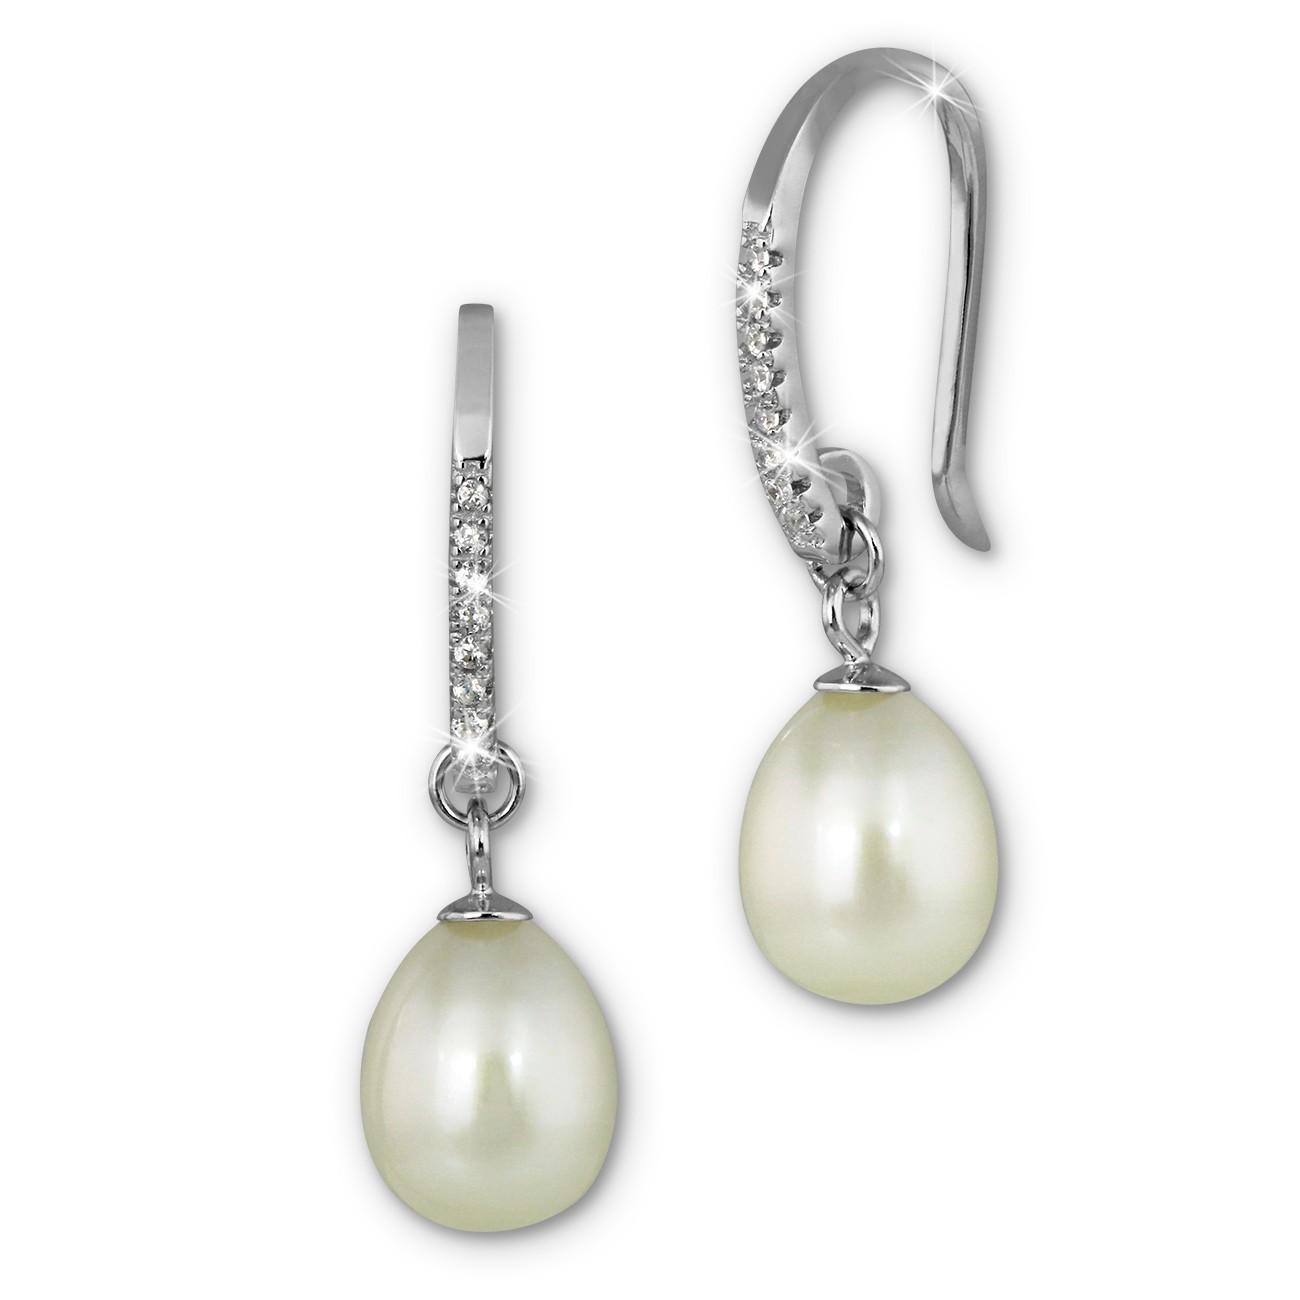 SilberDream Ohrhänger Süßwasser Perle weiß mit Zirkonias 925 Silber SDO1758W